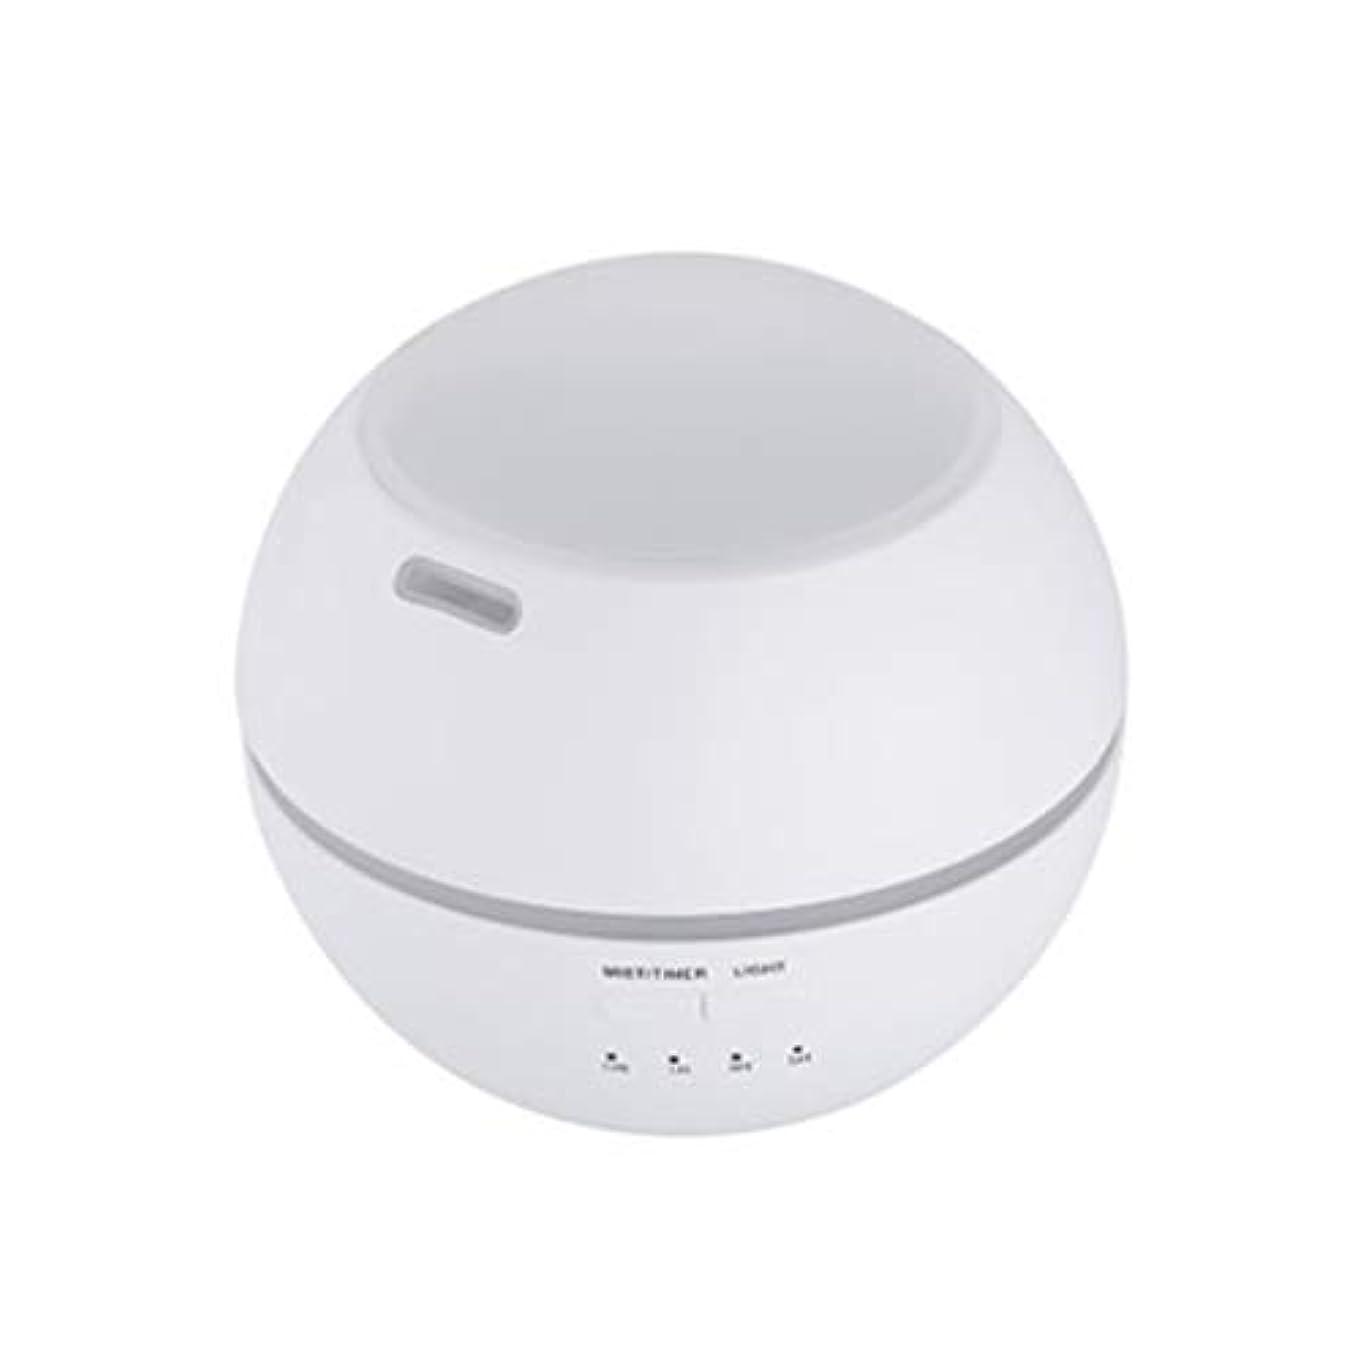 有彩色のカップルクリスチャンマルチライトマシンクリエイティブ超音波加湿器ランプ家庭用必須ディフューザーギフト (Color : White)